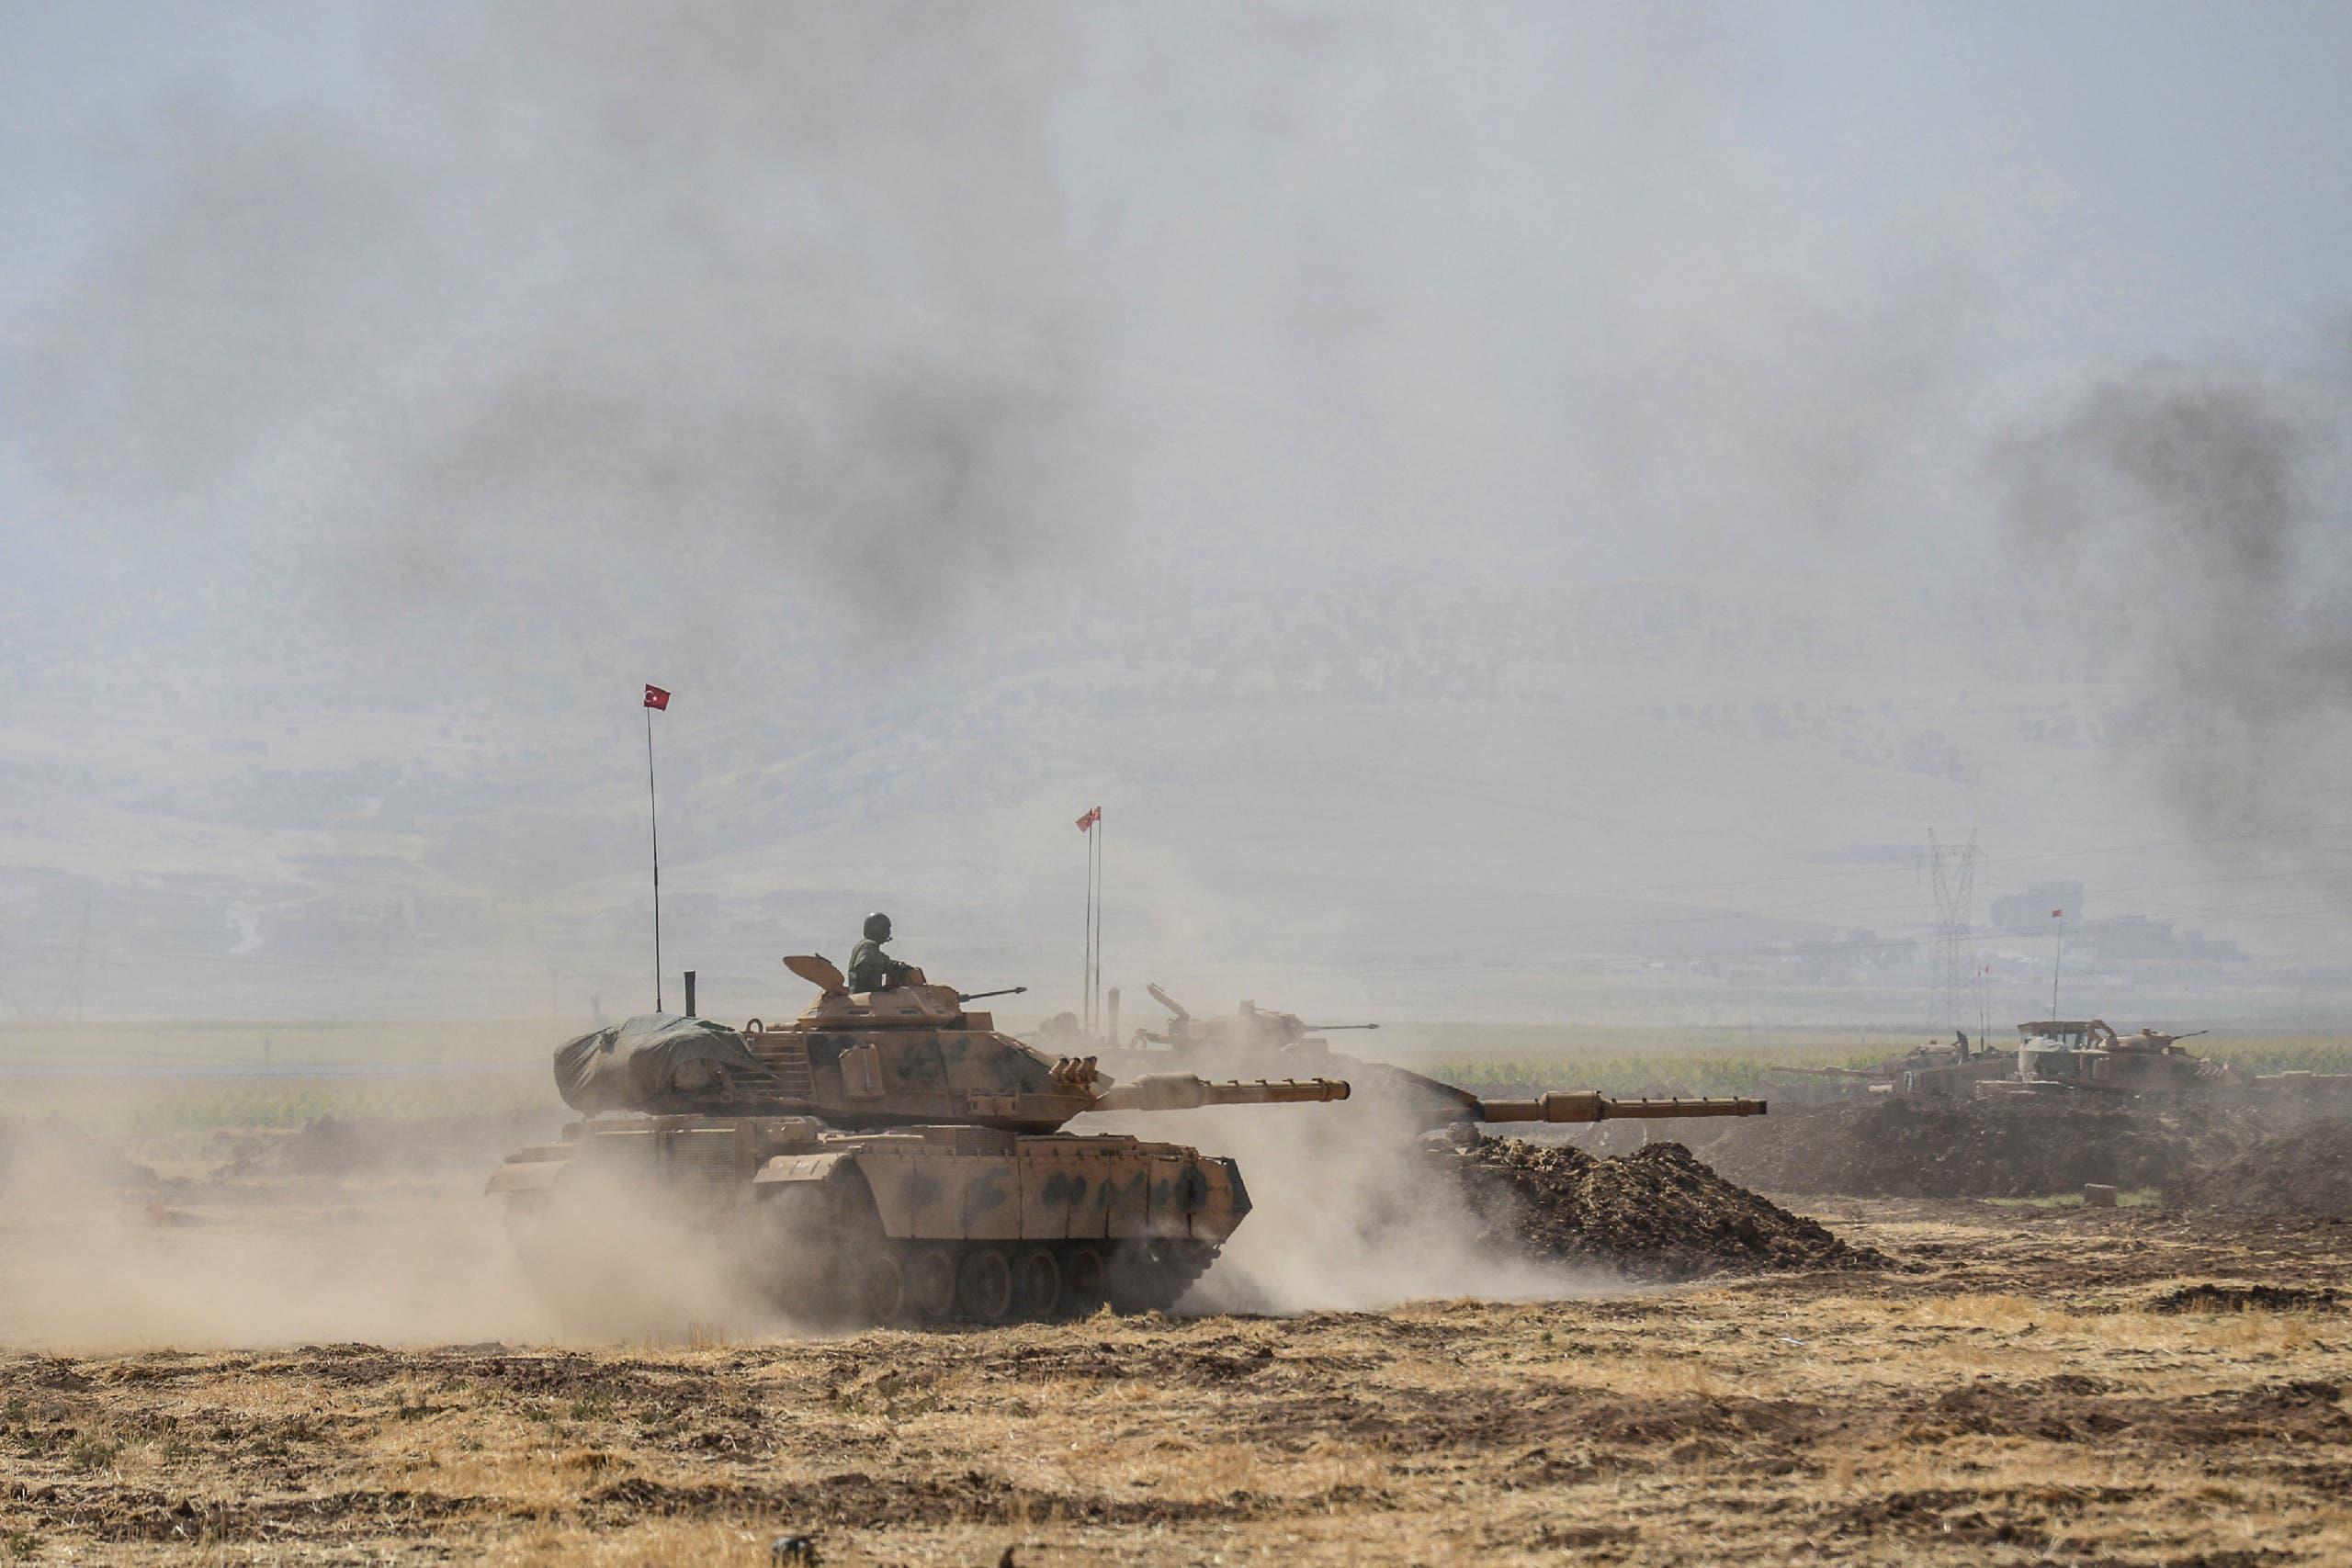 تمرینات نظامی ترکیه در مرز عراق و ترکیه (بایگانی - فرانسه پرس)